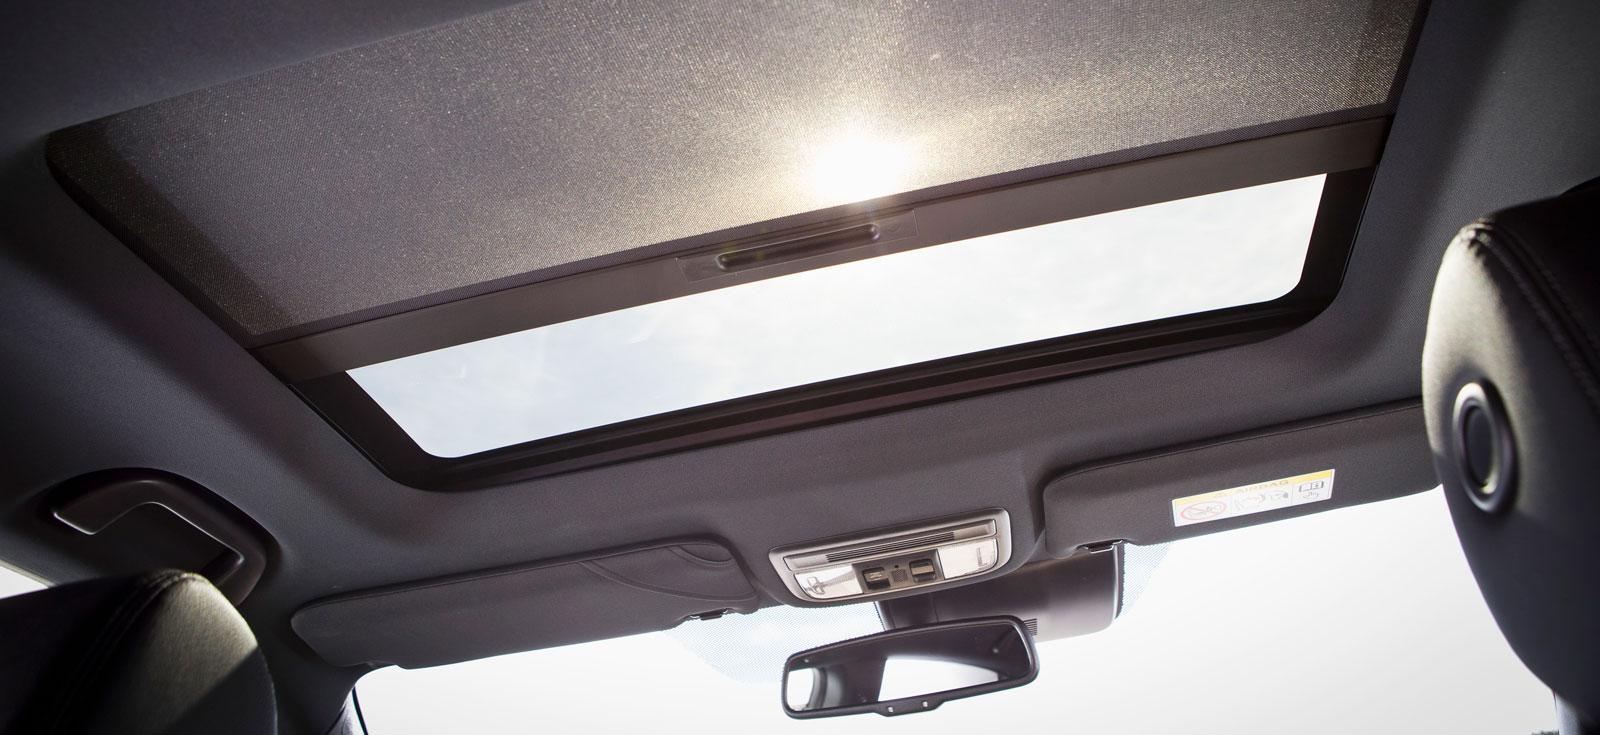 Honda kan inte köpas med panoramatak av glas, men väl med en glastaklucka som är standardutrustning i den testade versionen av modellen.